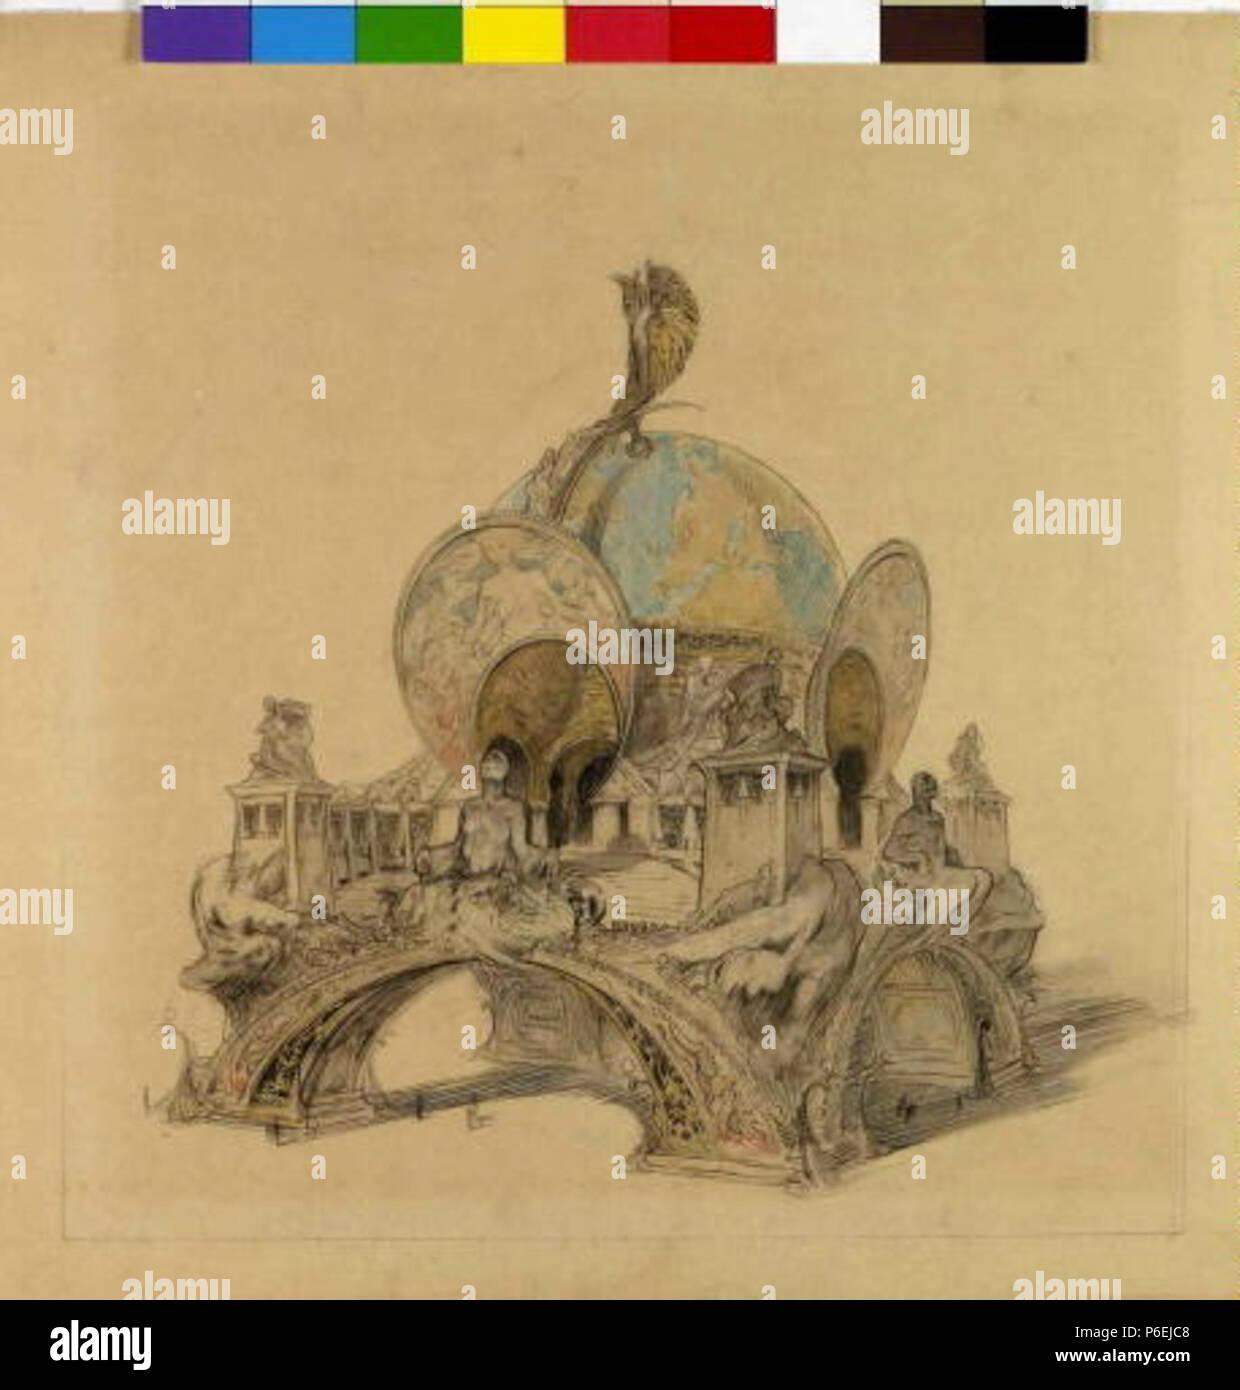 . Eština: Návrh pro Svtovou lovka Pavillon na výstavu Paíži v roku 1900 18986 Autor Alfons Mucha 24.7.1860-14.7,1939 - Navrh cloveka Svetovou Pavillon na pro vystavu v Parizi roku 1900 Banque D'Images